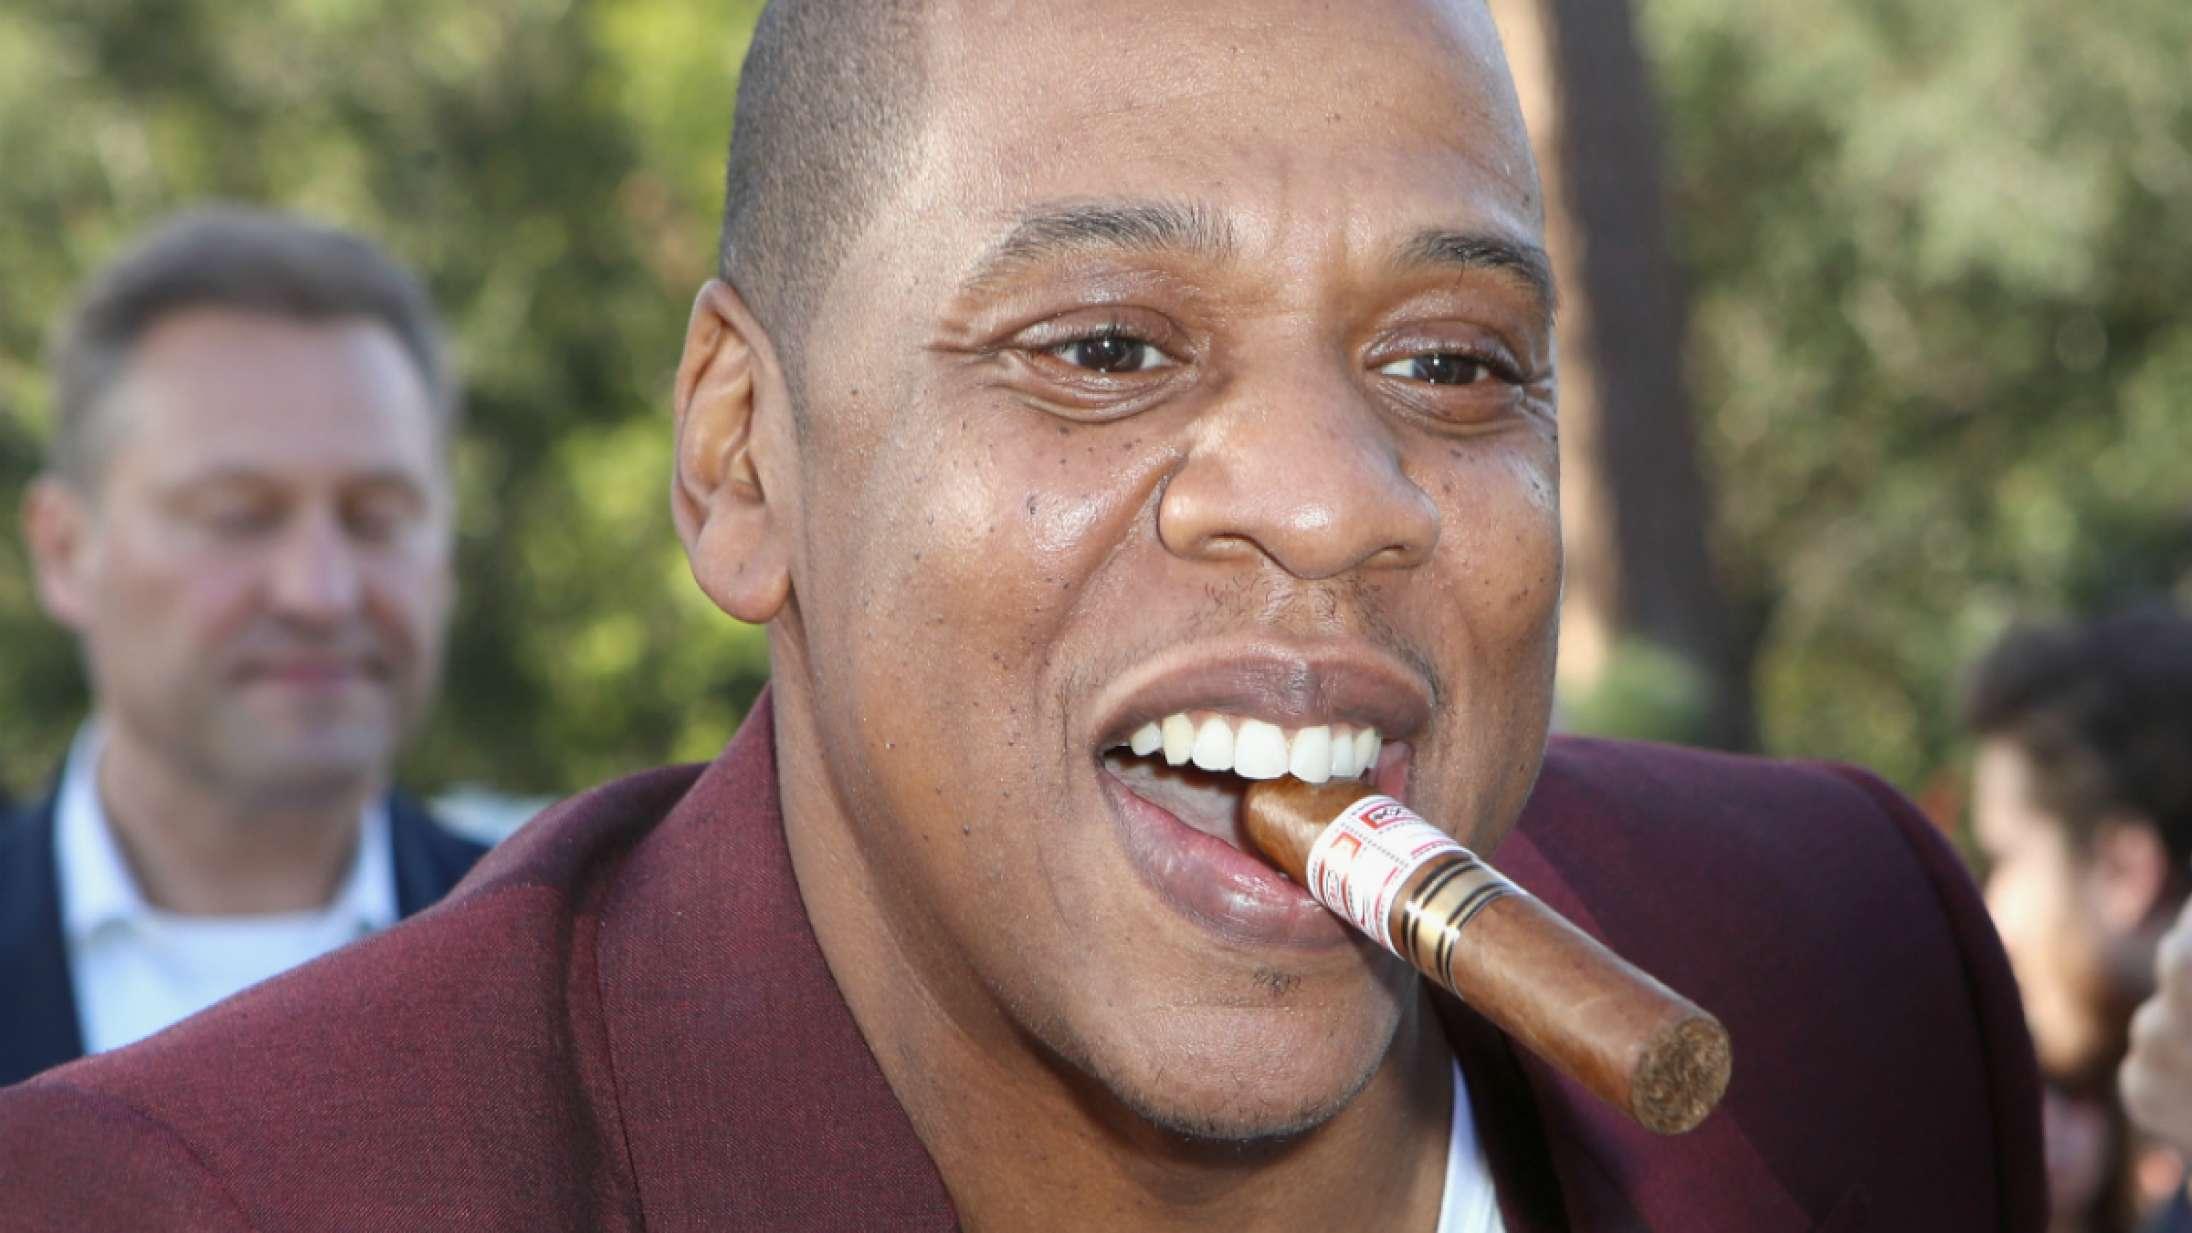 Nu kan du endelig streame alle Jay-Z's album på Spotify igen